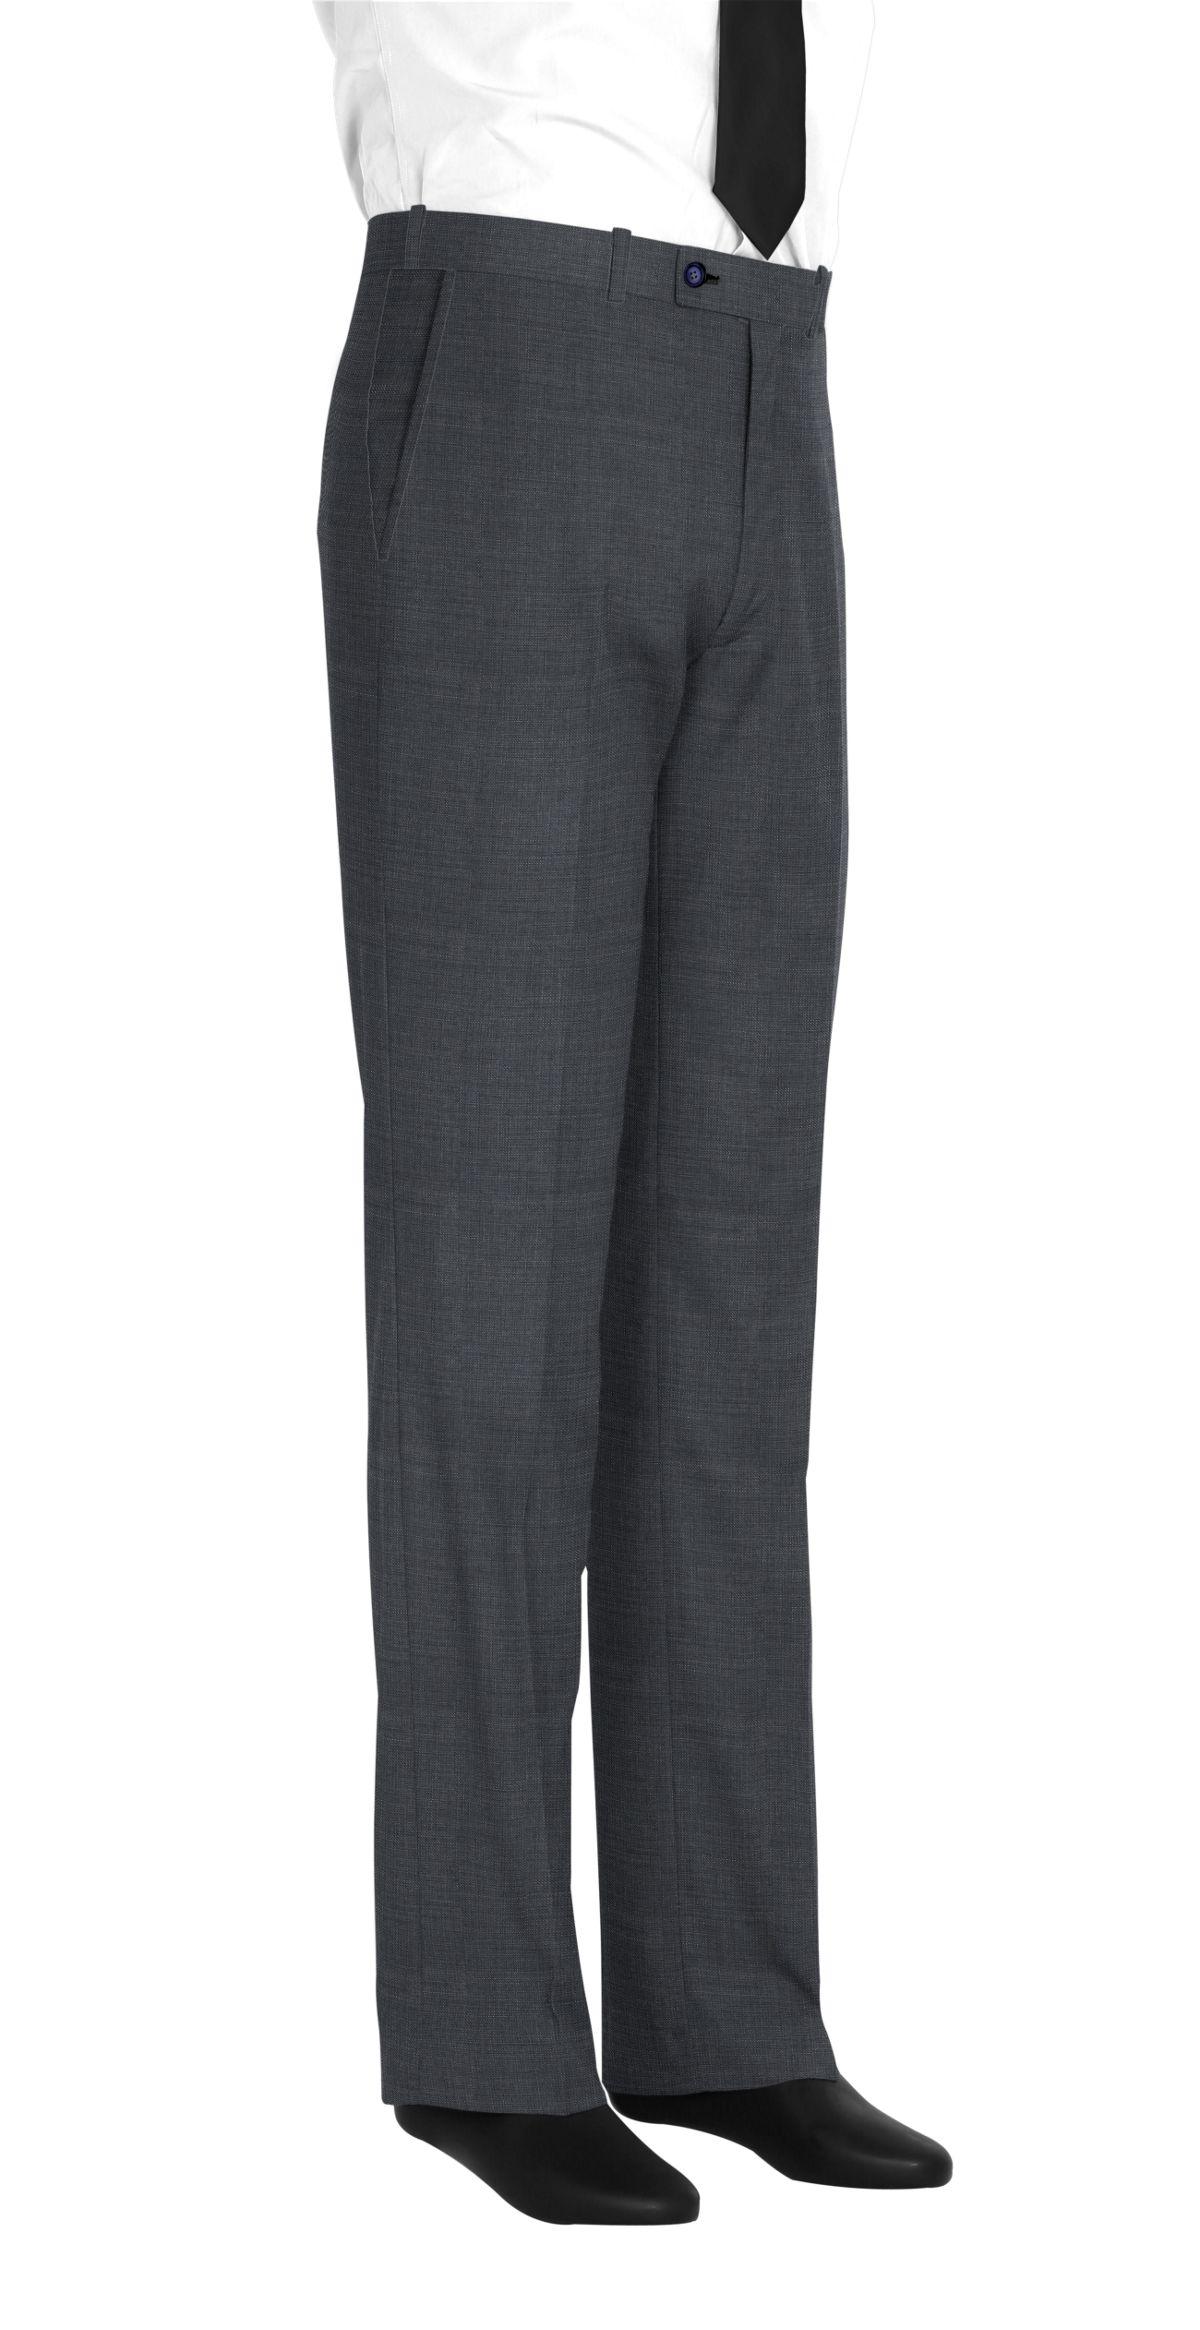 Pantalon homme sur mesure et personnalisé gris uni  bas simple sans revers